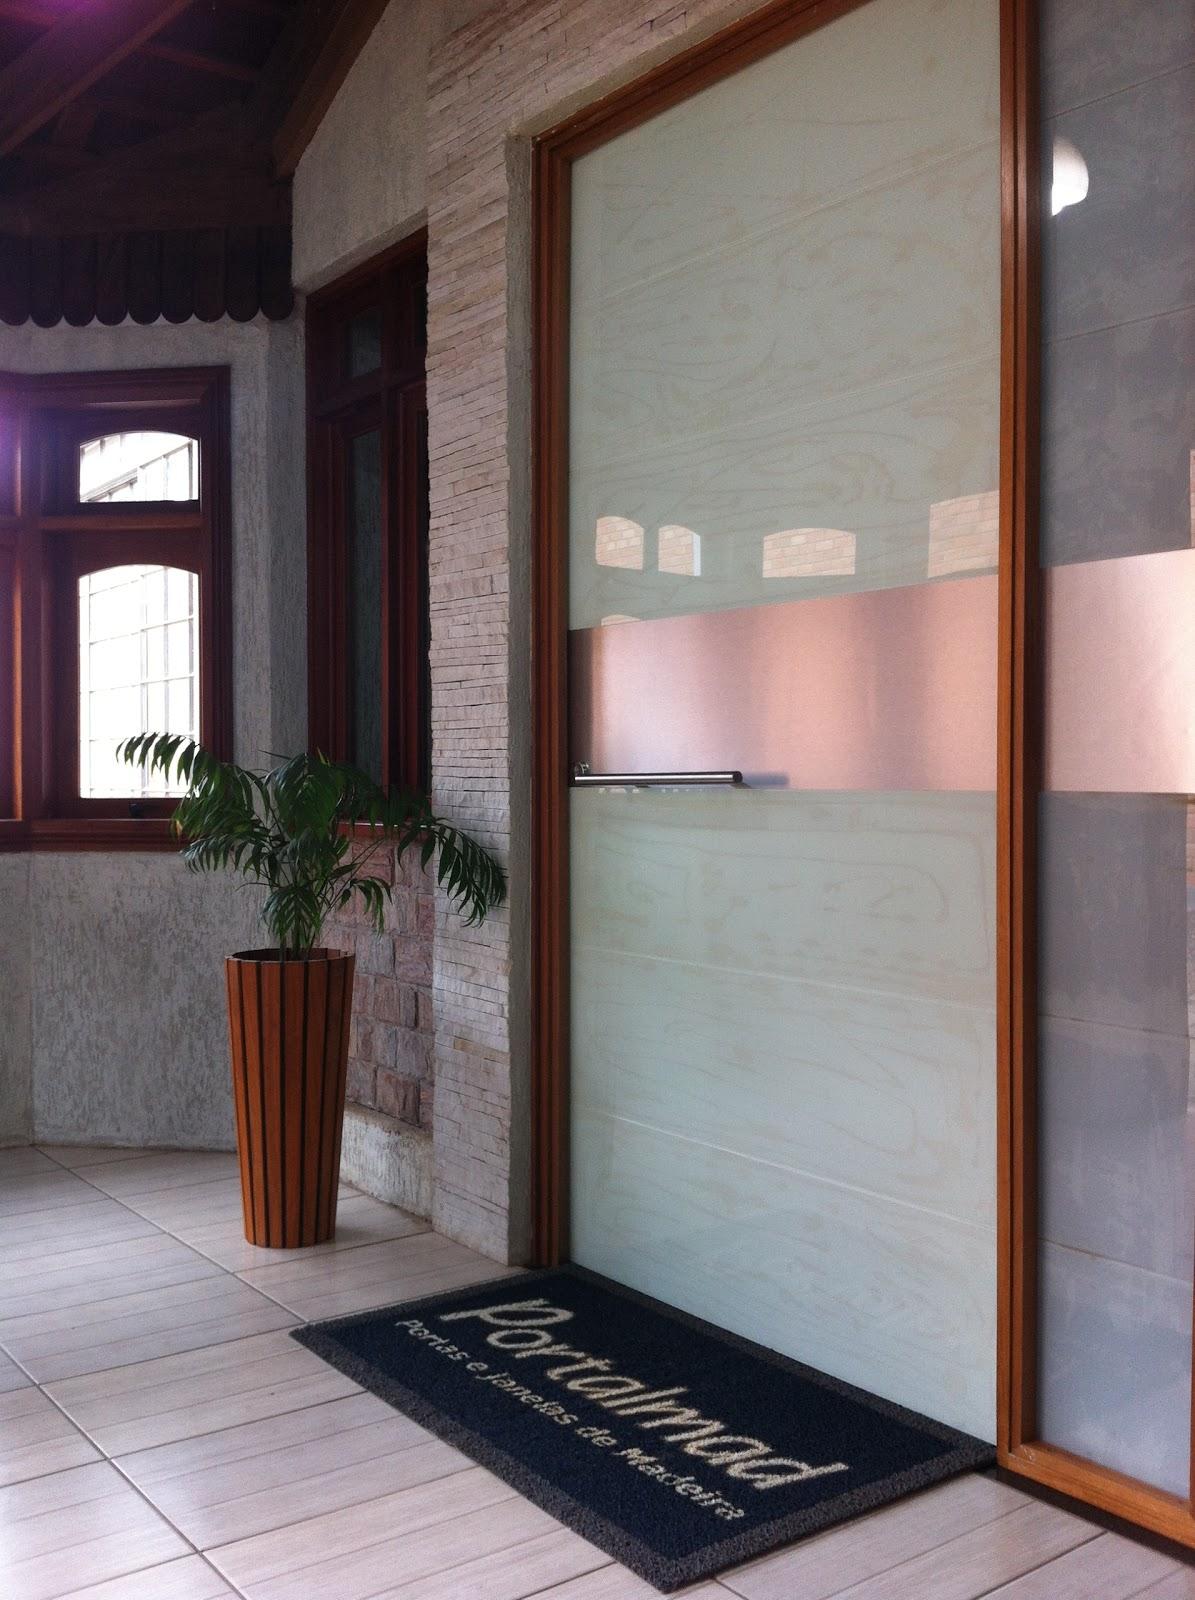 #895042  em esquadrias de madeira: Porta Pivotante Vidro Madeira e Alumínio 246 Janelas De Vidro Pivotantes